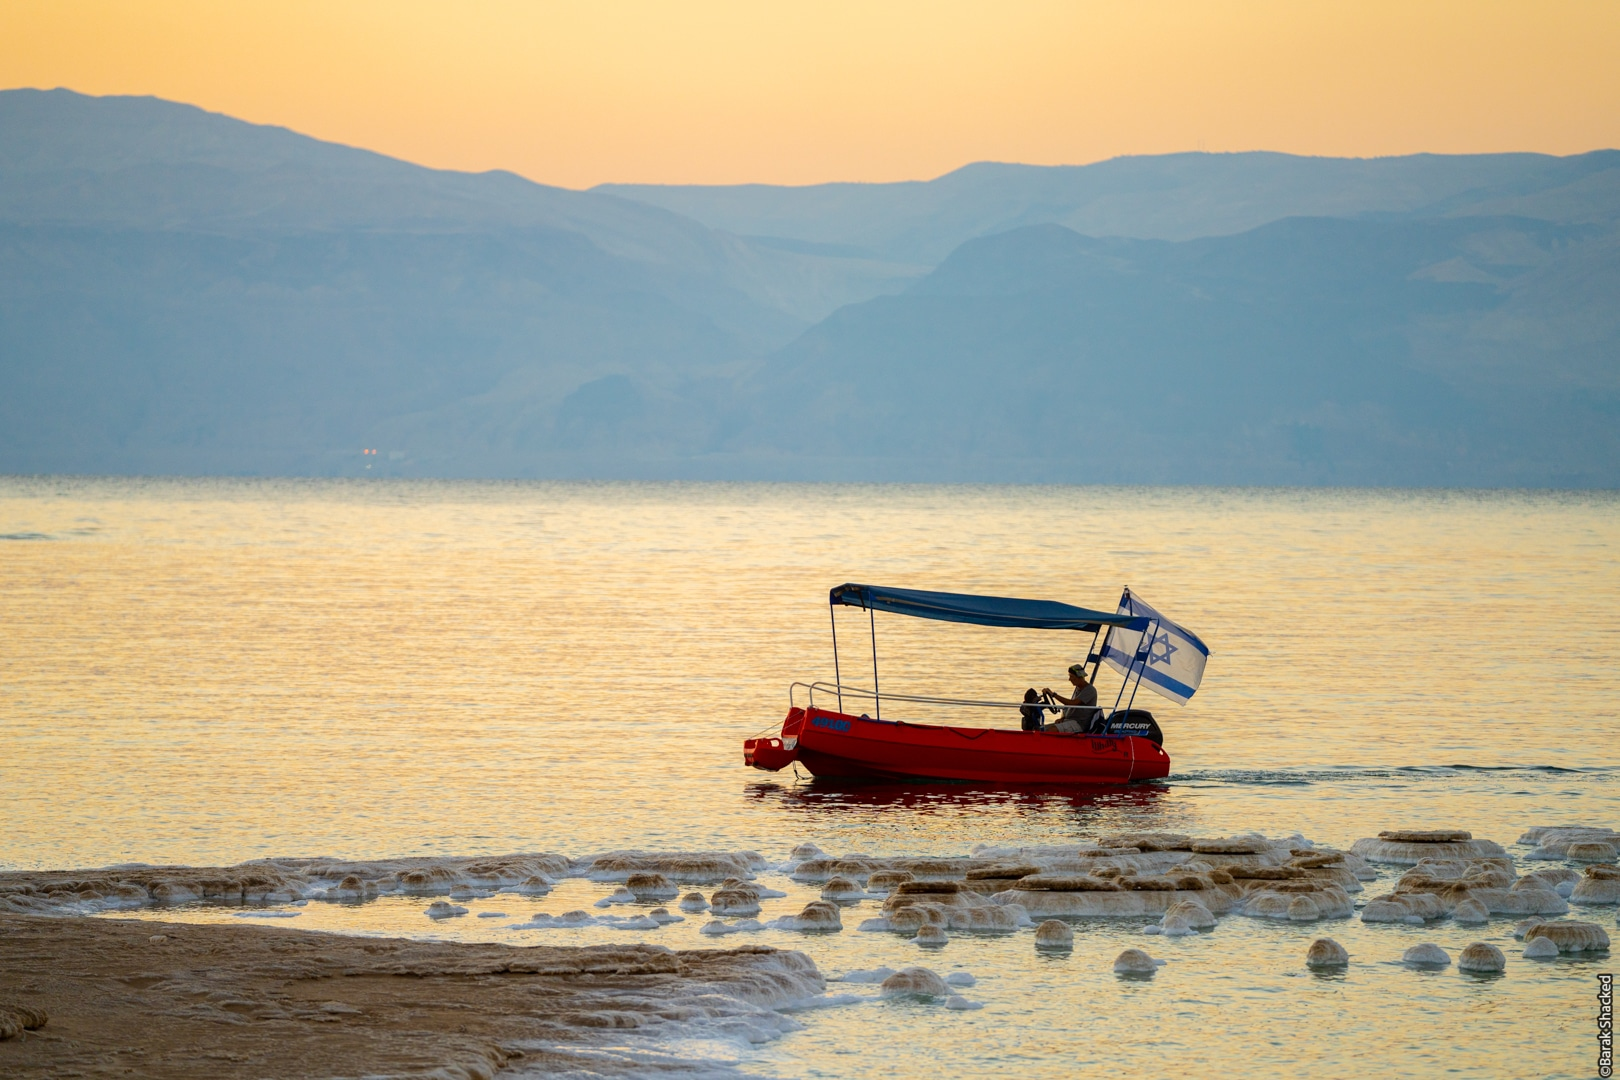 סירה בזריחה בים המלח